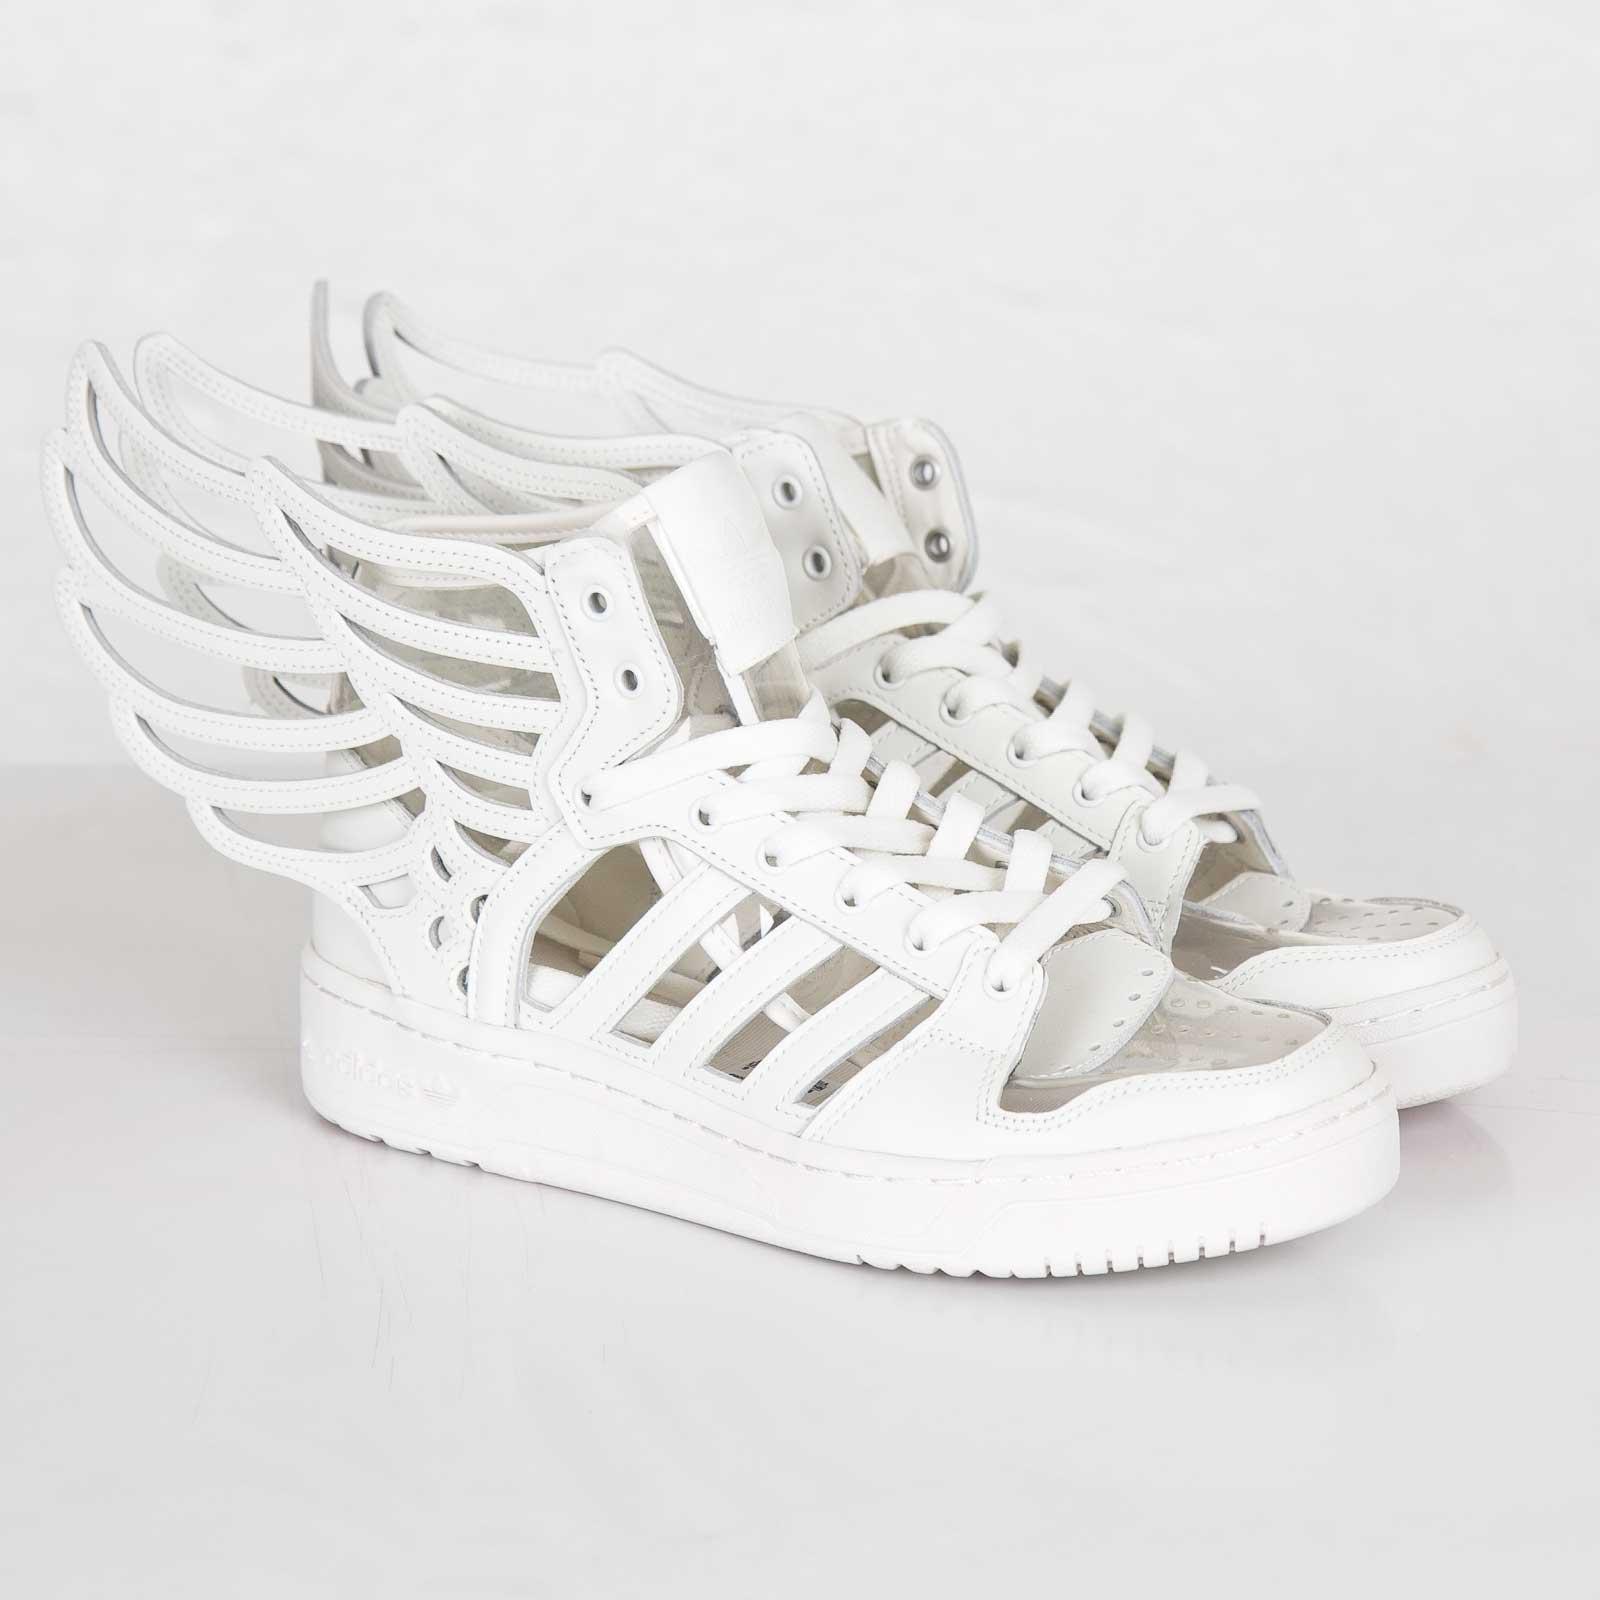 adidas JS Wings 2.0 Cutout - M29012 - Sneakersnstuff  5ddb7f0f5c8d